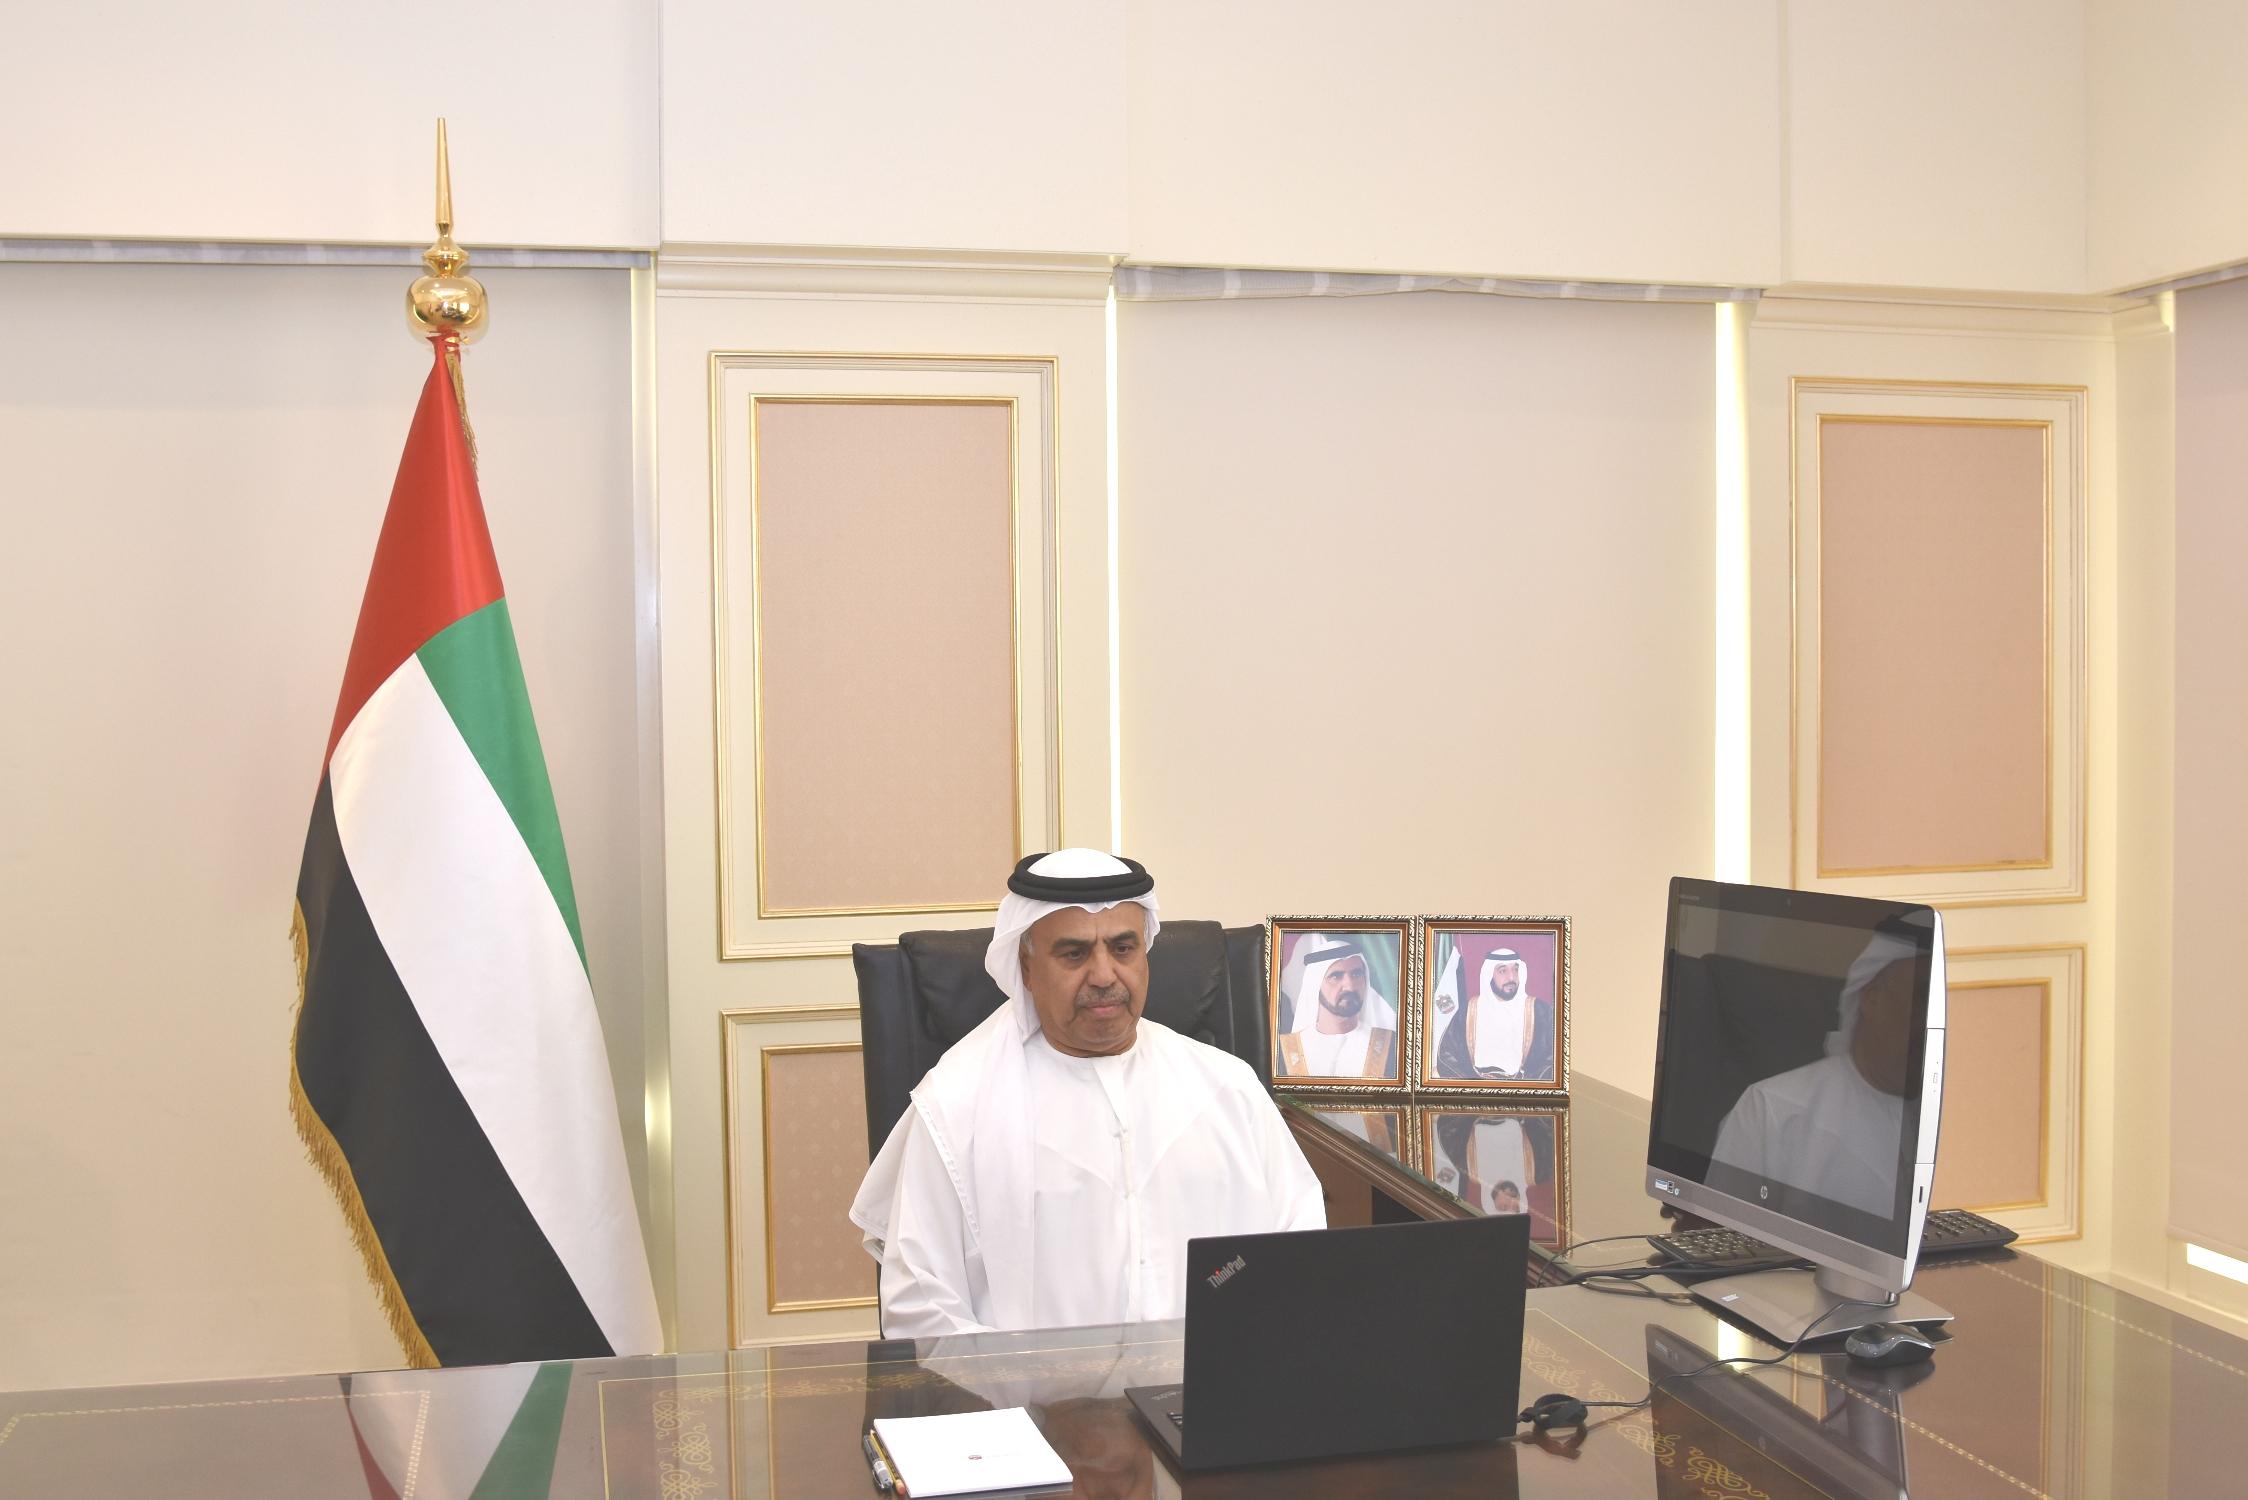 """مجلس إدارة """" التنافسية والإحصاء"""" يبحث جهود تعزيز تنافسية الإمارات بالشراكة بين الحكومة والقطاع الخاص والمجتمع"""